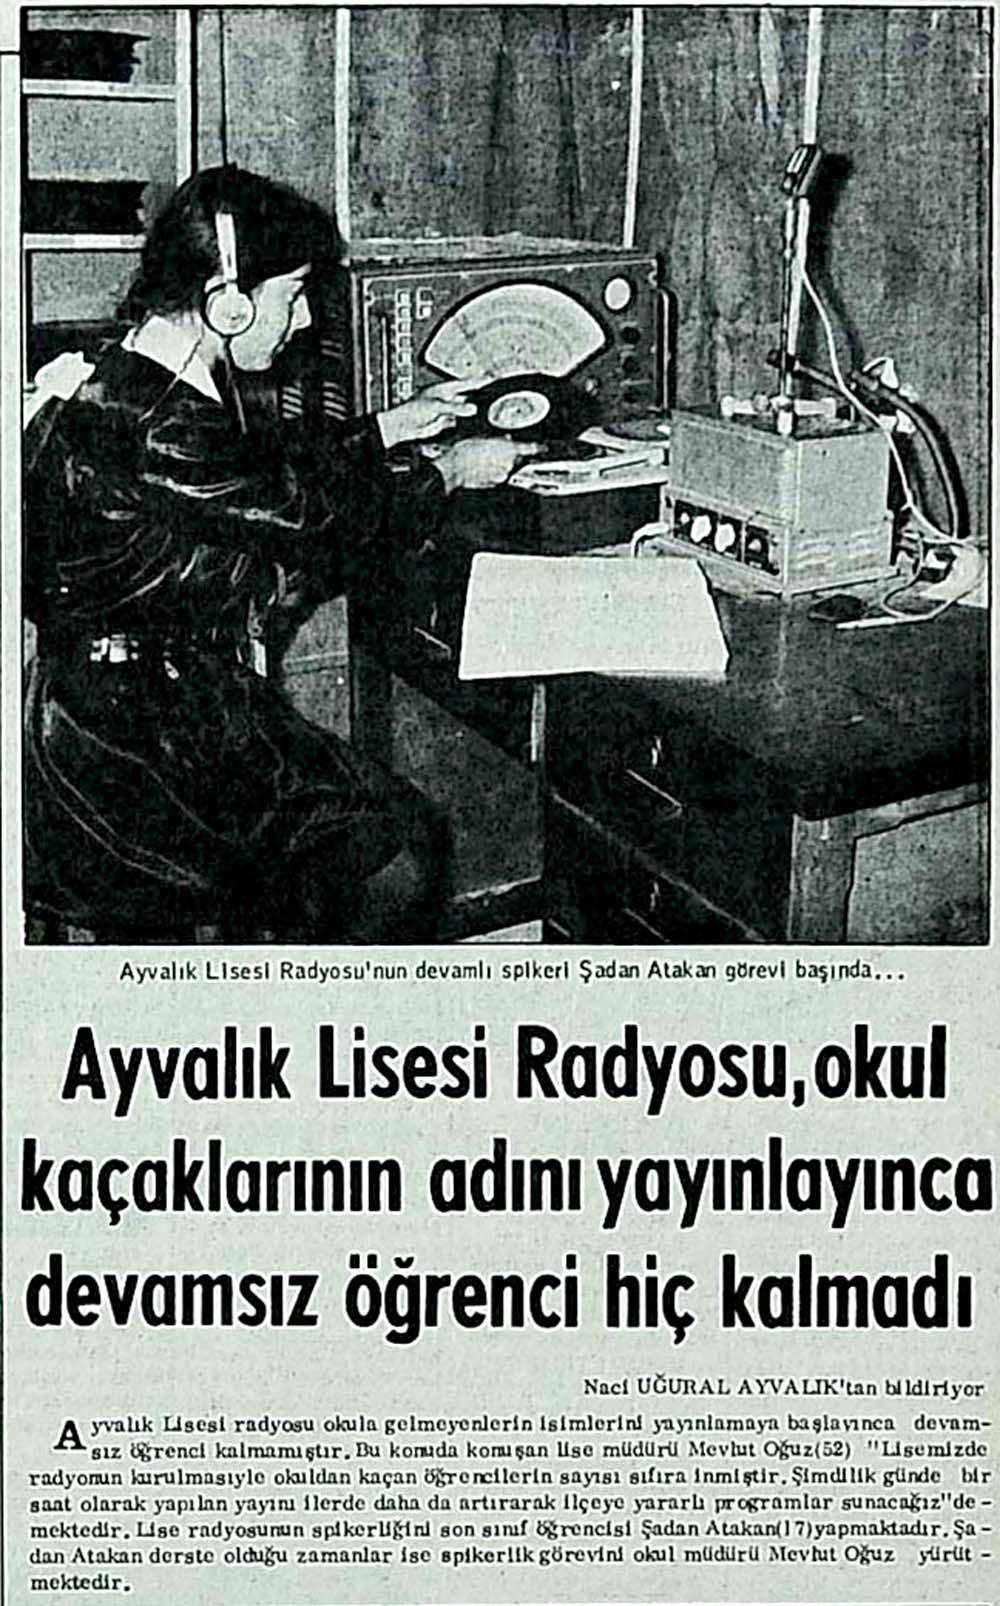 Ayvalık Lisesi Radyosu, okul kaçaklarının adını yayınlayınca devamsız öğrenci hiç kalmadı